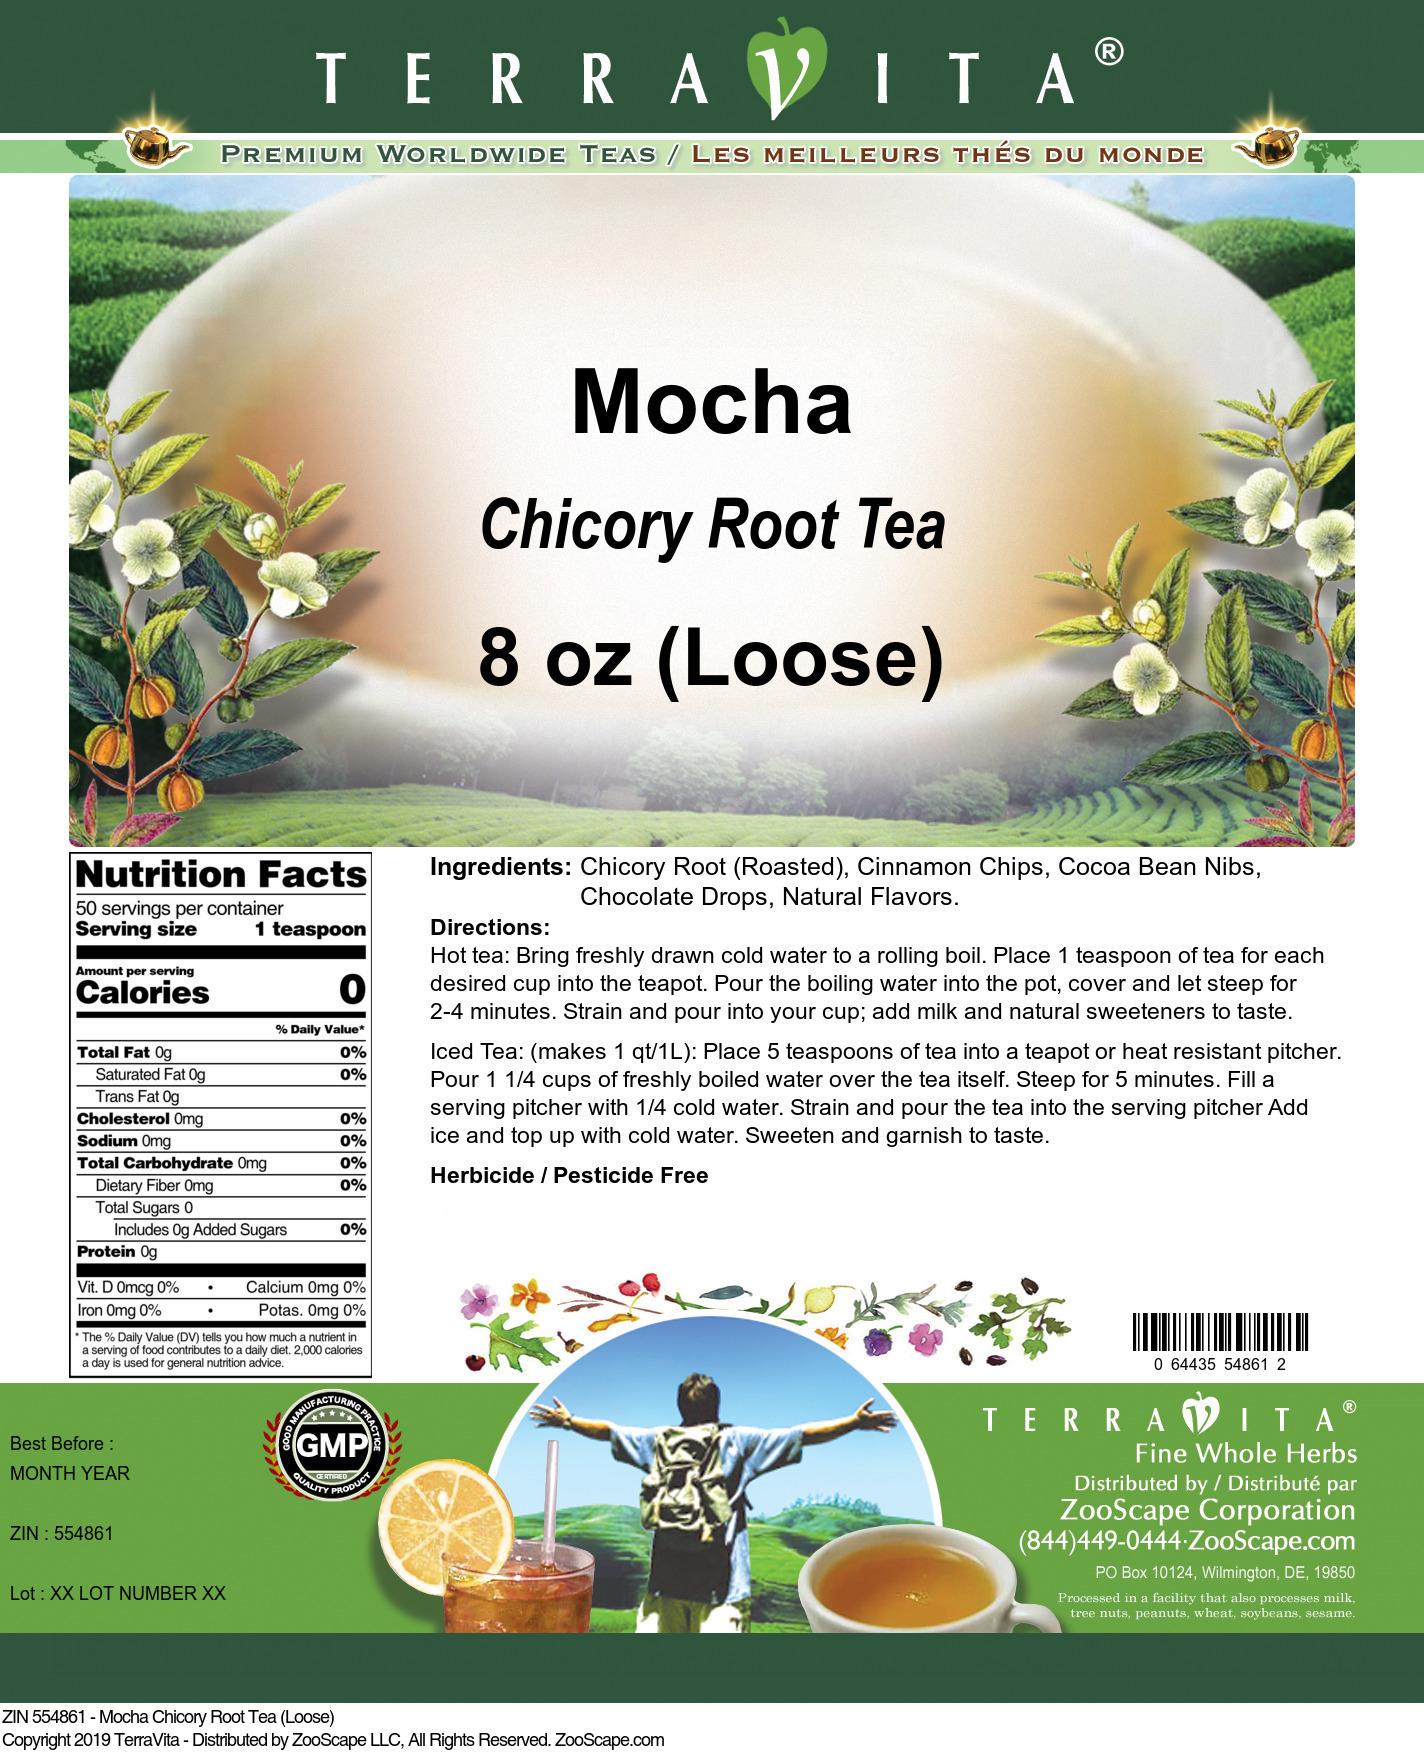 Mocha Chicory Root Tea (Loose)